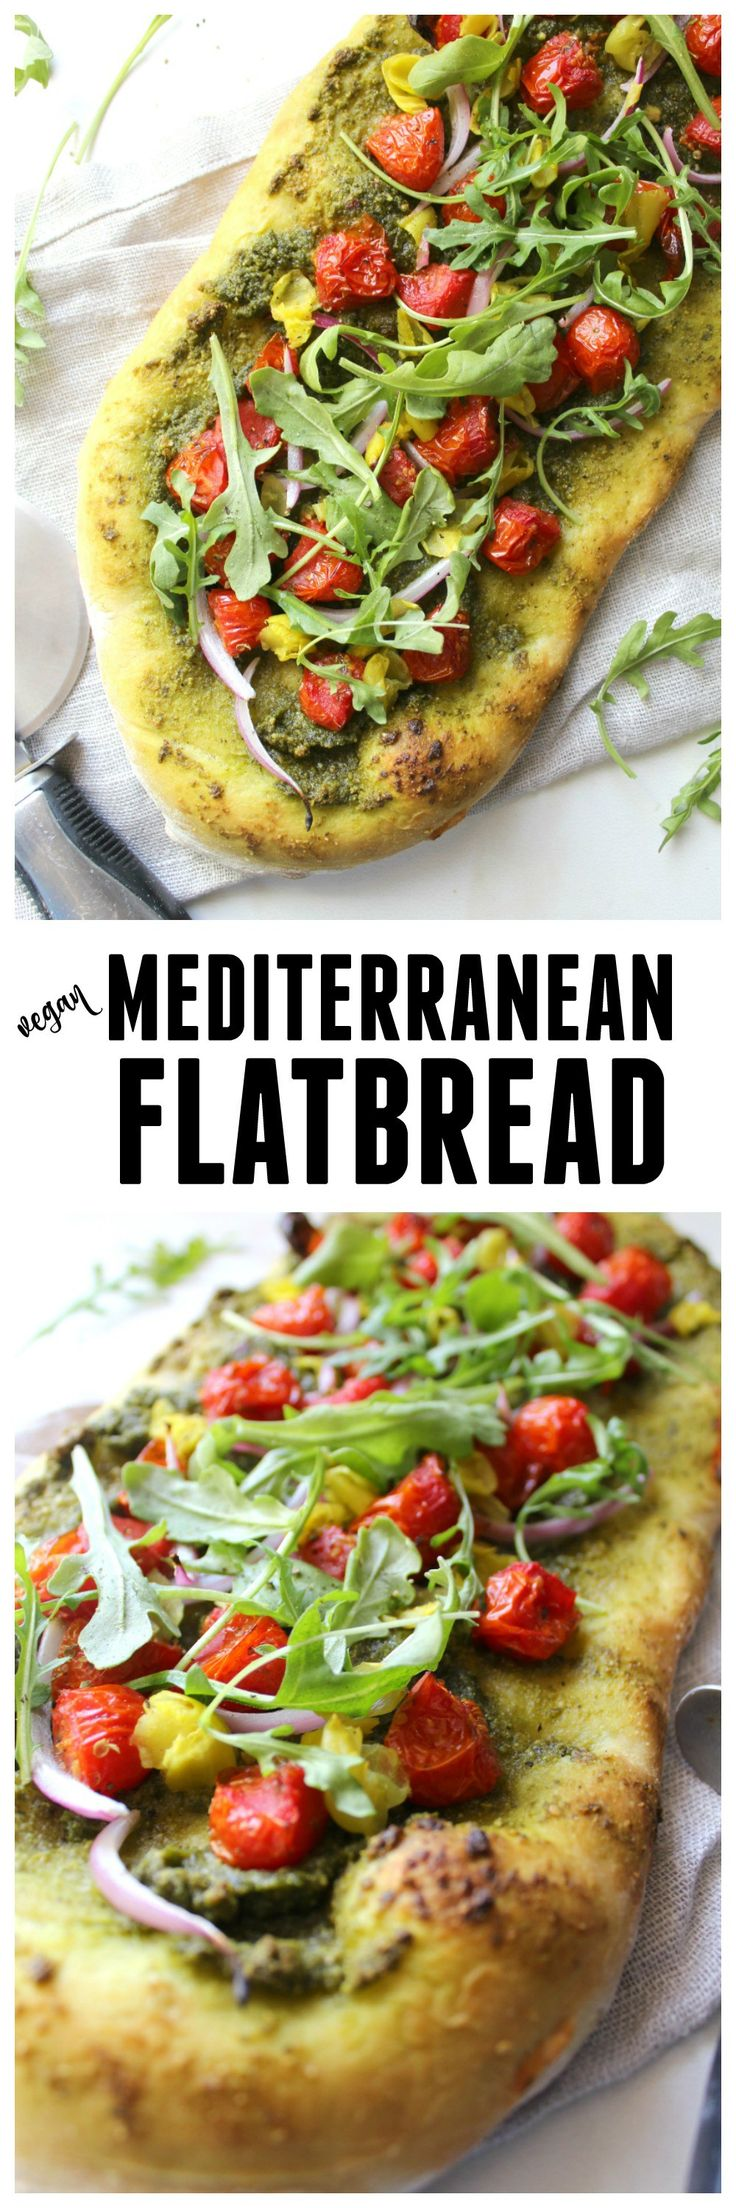 Mediterranean Flatbread | VEGAN | ThisSavoryVegan.com